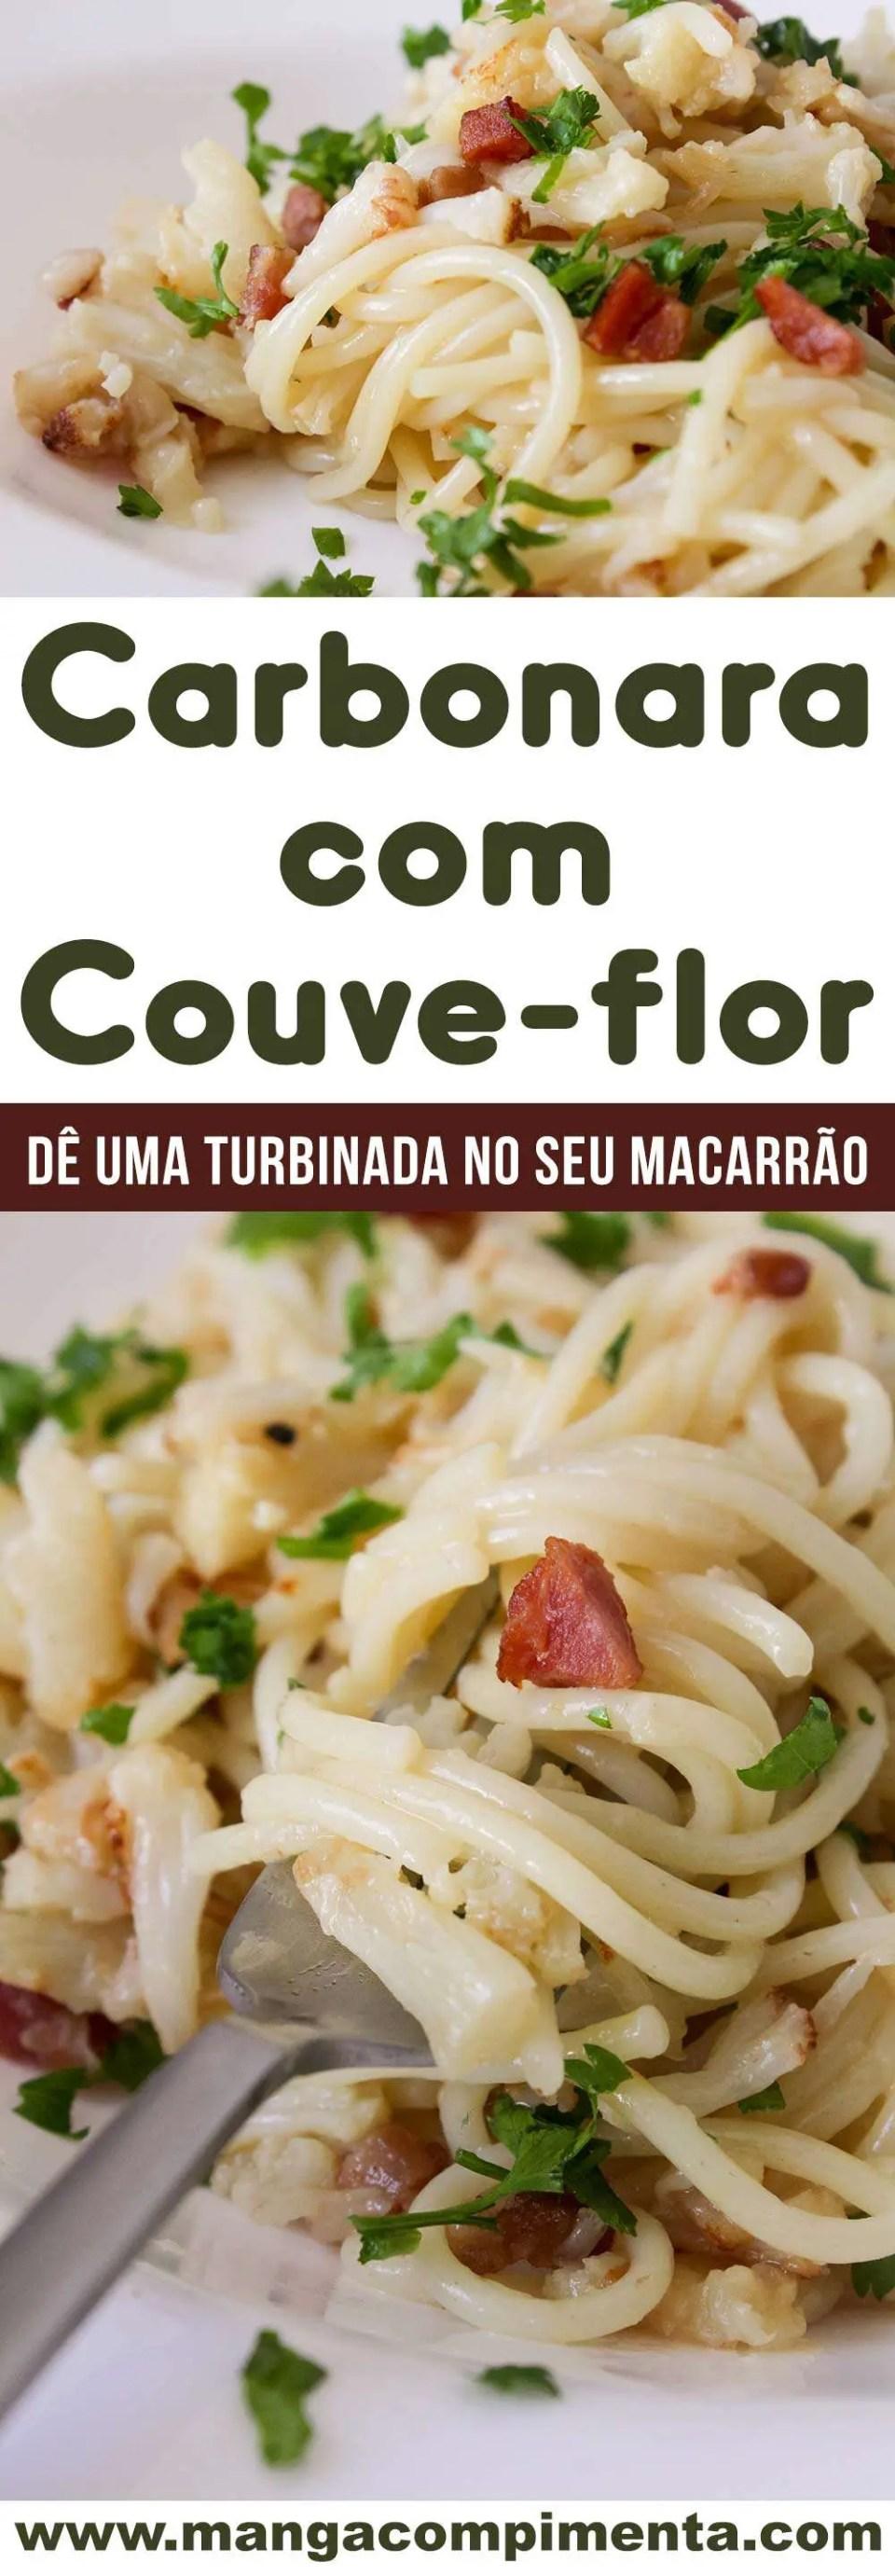 Macarrão com Couve-flor à Carbonara - um prato delicioso para o almoço de domingo.